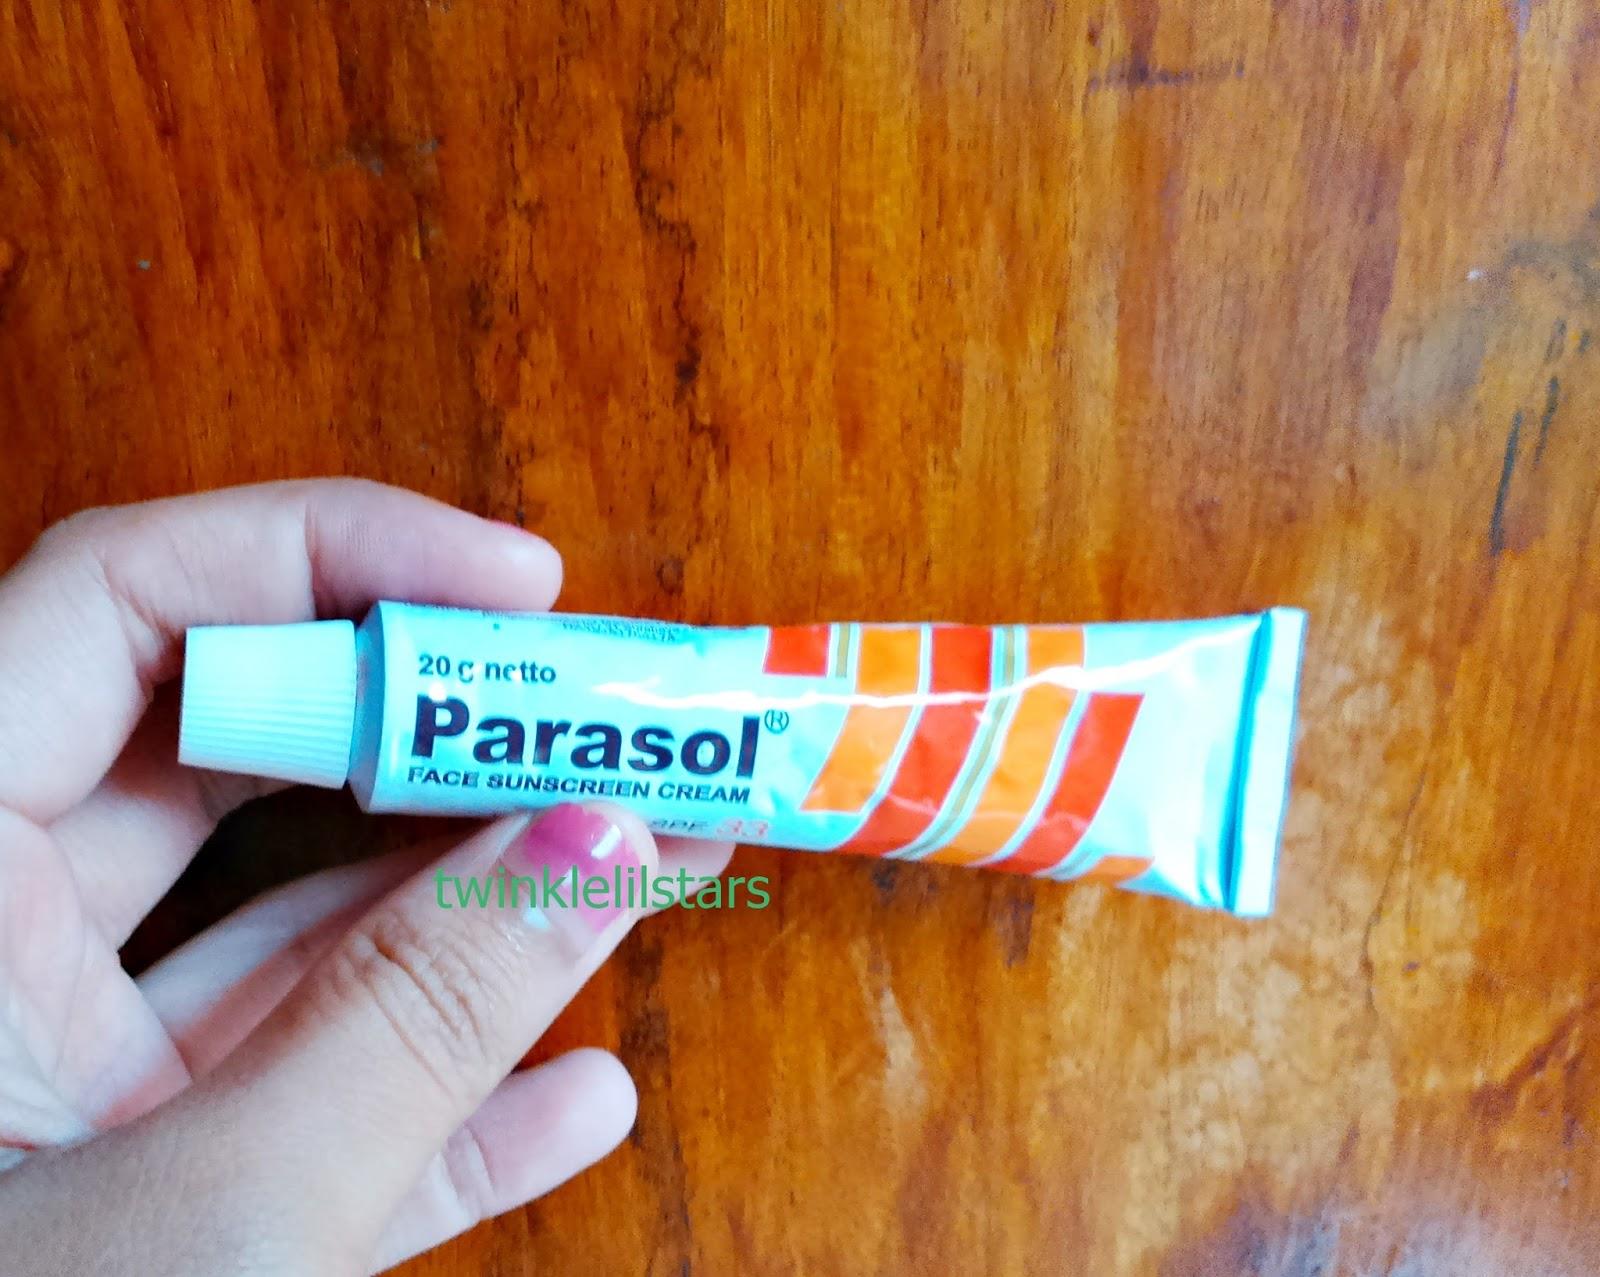 Parasol Face Sunscreen Cream Spf 33 Review Fuji Astyanis Blog Lotion Tekstur Dari Ini Kental Tapi Tidak Seperti Dia Lebih Ringan Dan Mudah Menyerap